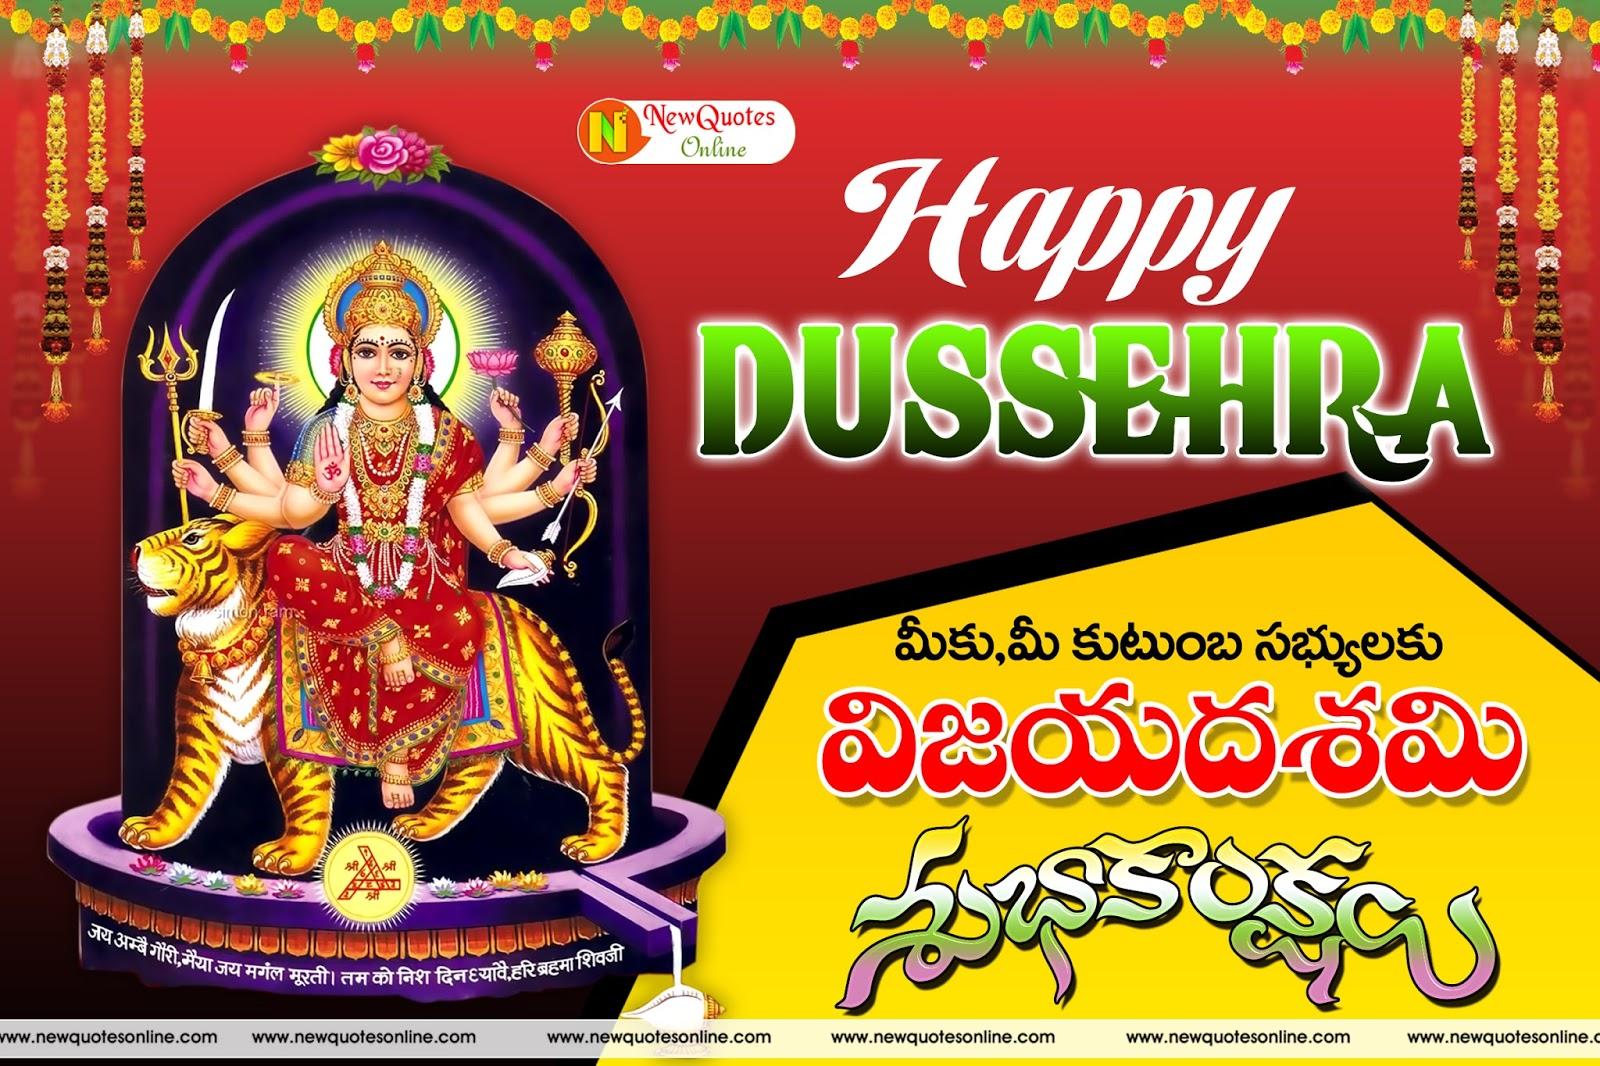 Best telugu quotes on happy dussehra festival new quotes latest durga mata quotes in telugu new durga m4hsunfo